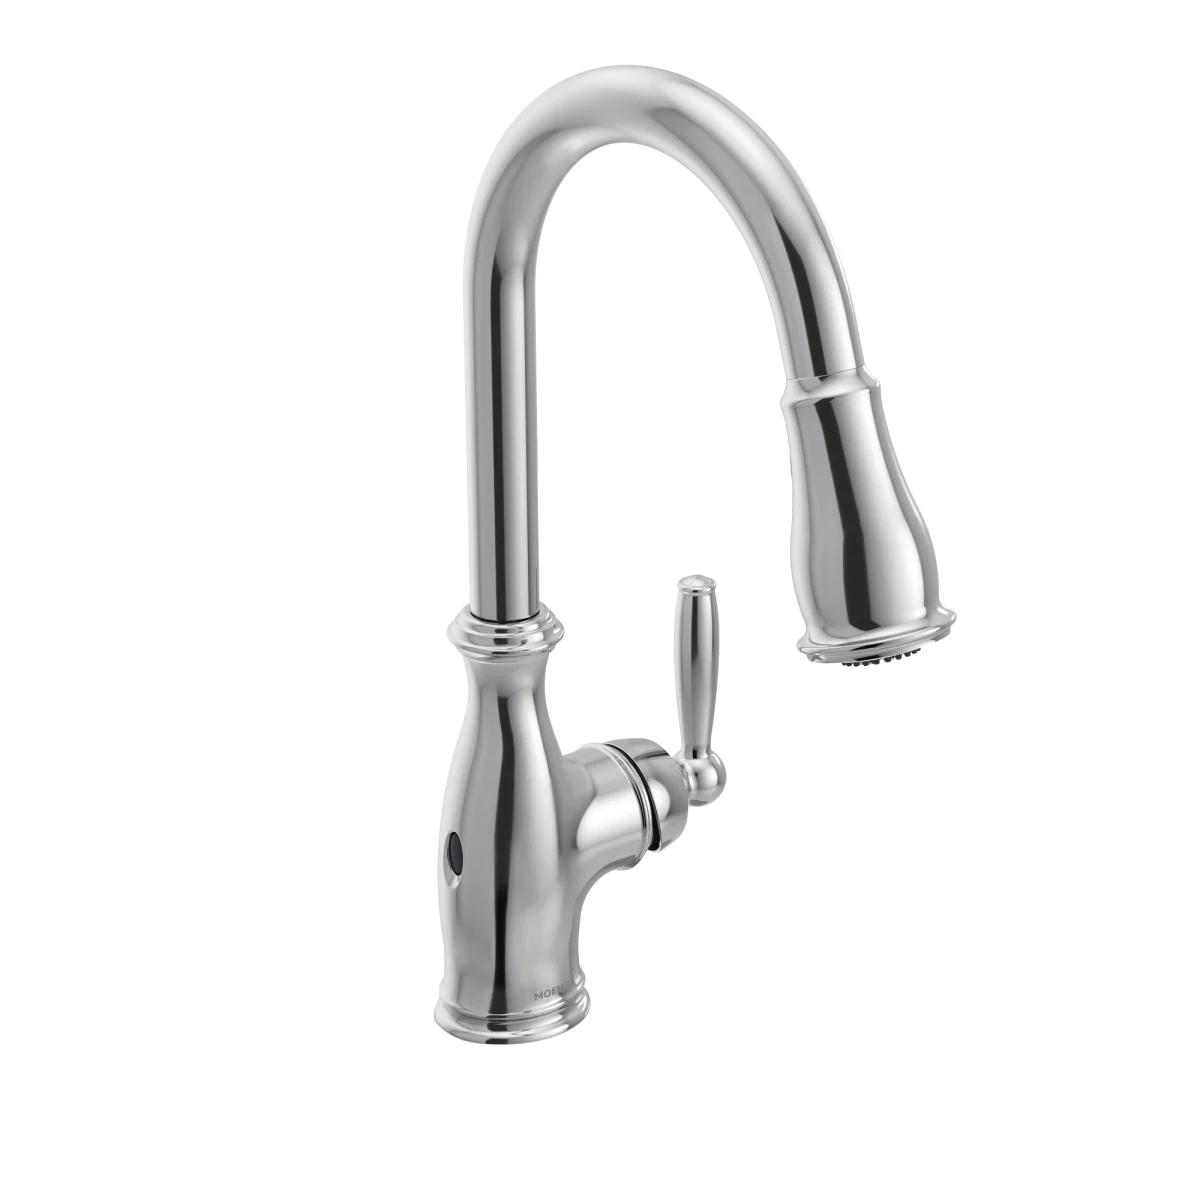 Moen 7185ew Faucet Touchless Kitchen Faucet Kitchen Sink Faucets